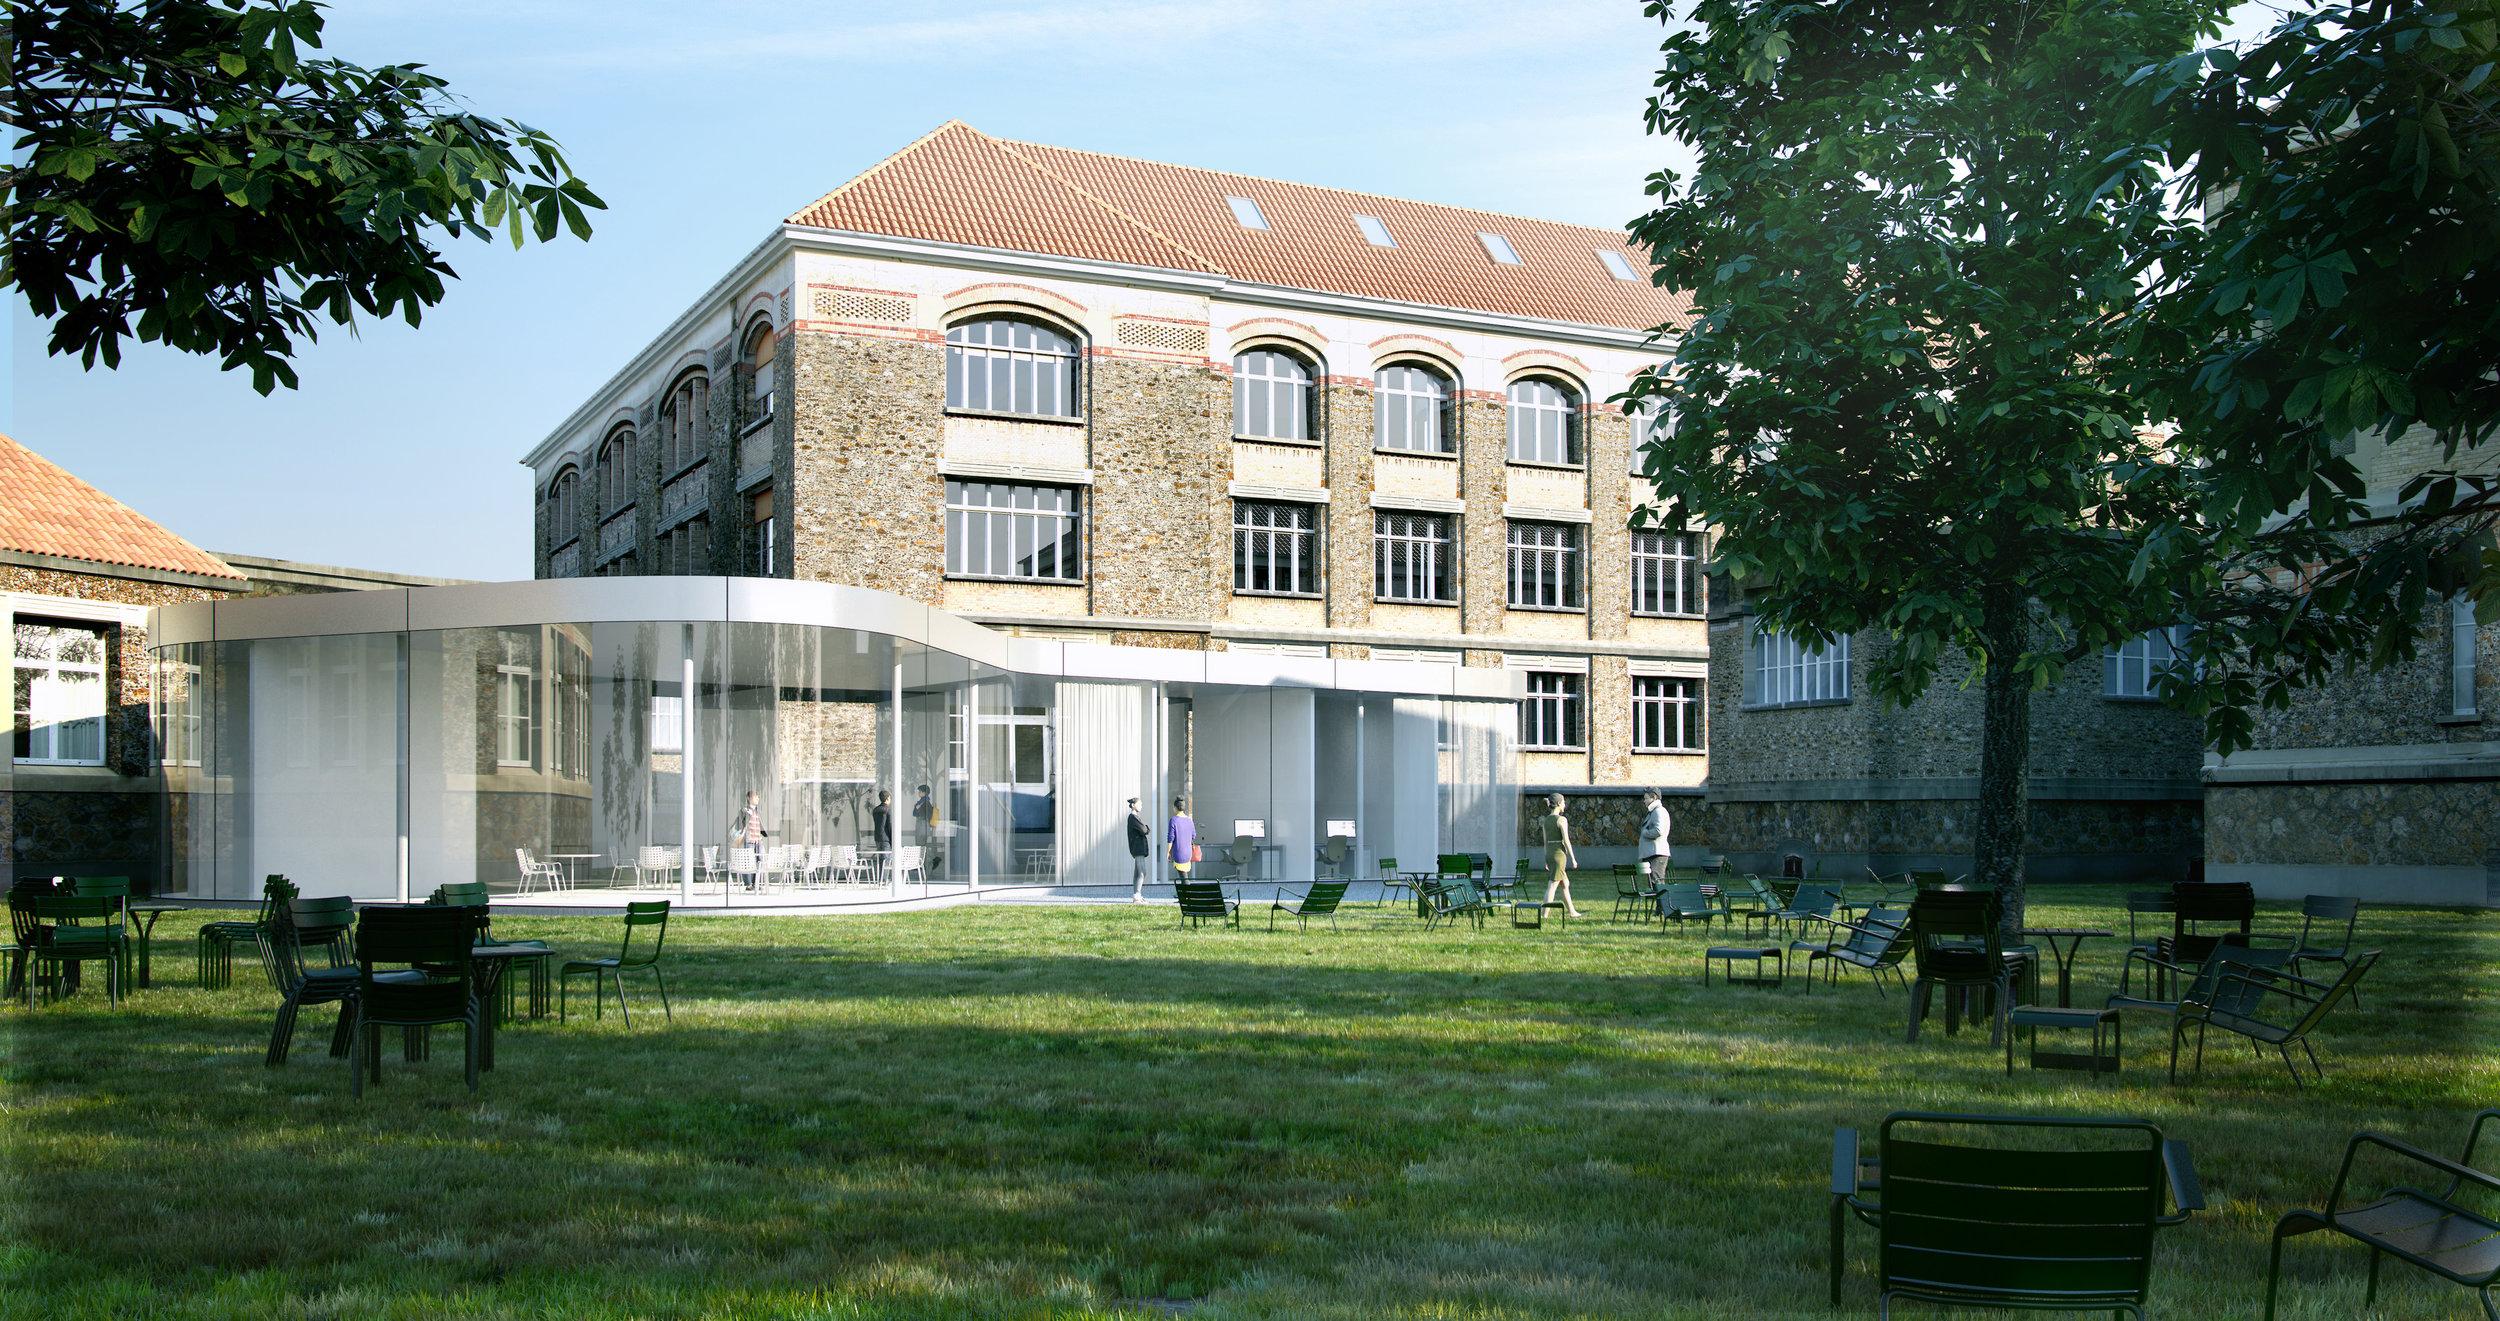 Lycée Horticole Adolphe Chérioux / Vitry-sur-Seine (94)   Implanté sur plus de 5 hectares, le lycée Adolphe Chérioux possède un patrimoine architectural et paysager d'une grande qualité. La restructuration lourde vise à faire évoluer les usages et les pratiques pédagogiques du site.